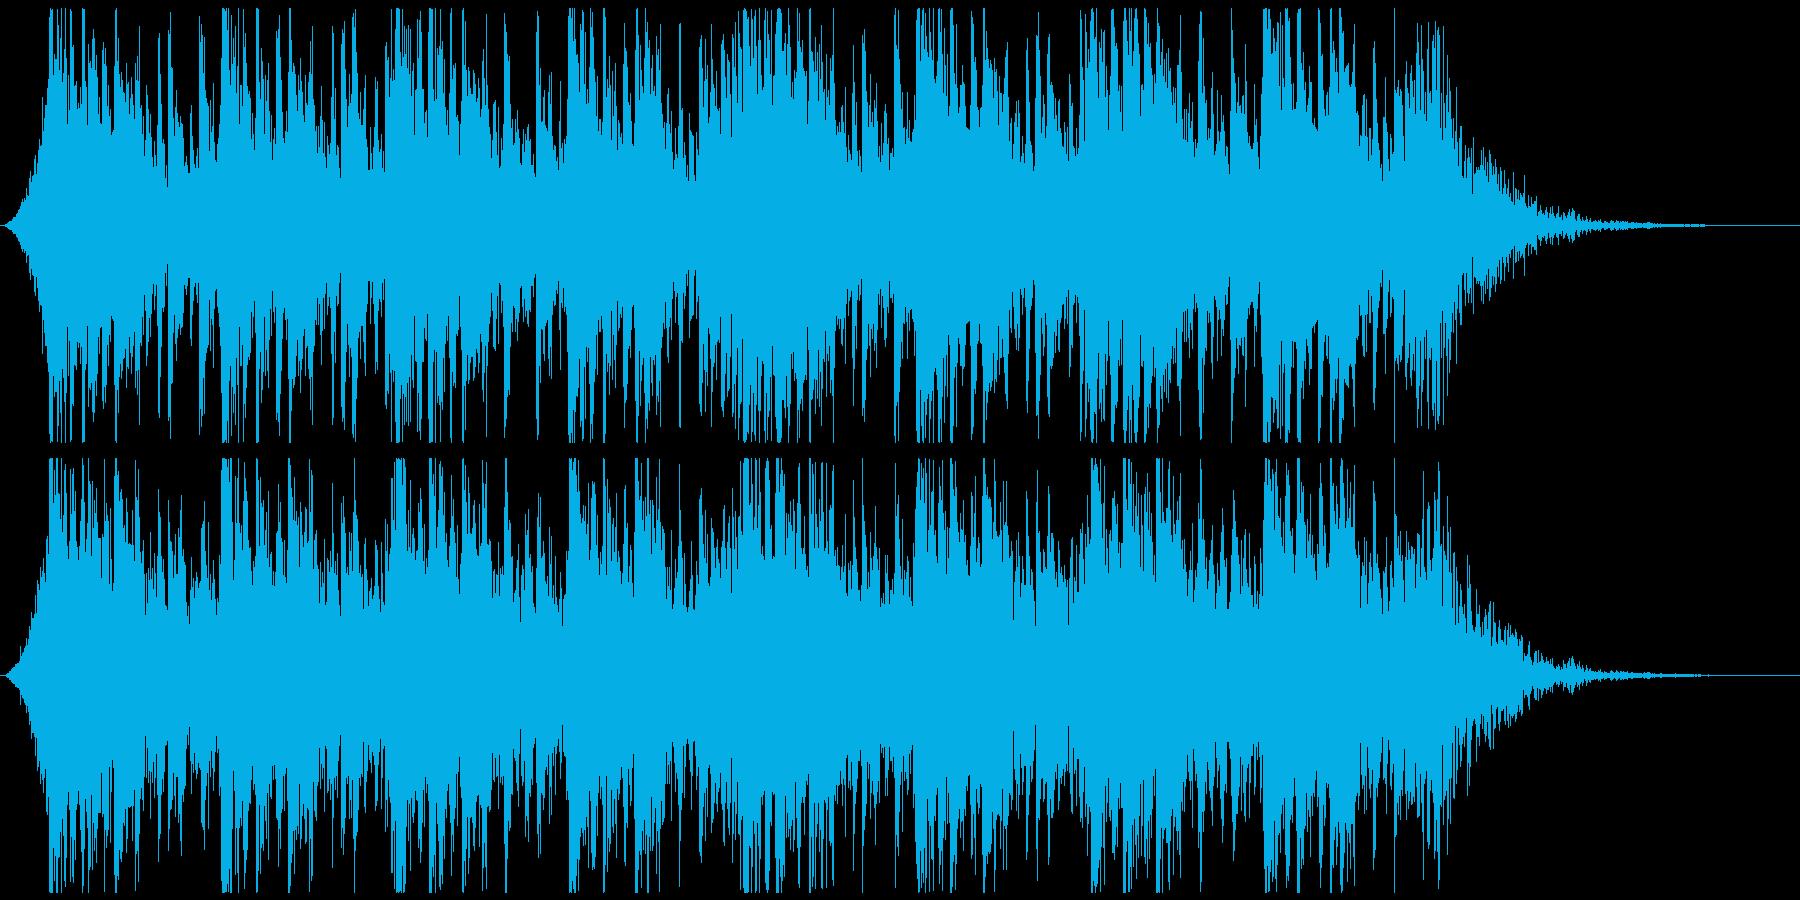 和太鼓と太鼓で迫力壮大かっこいいジングルの再生済みの波形